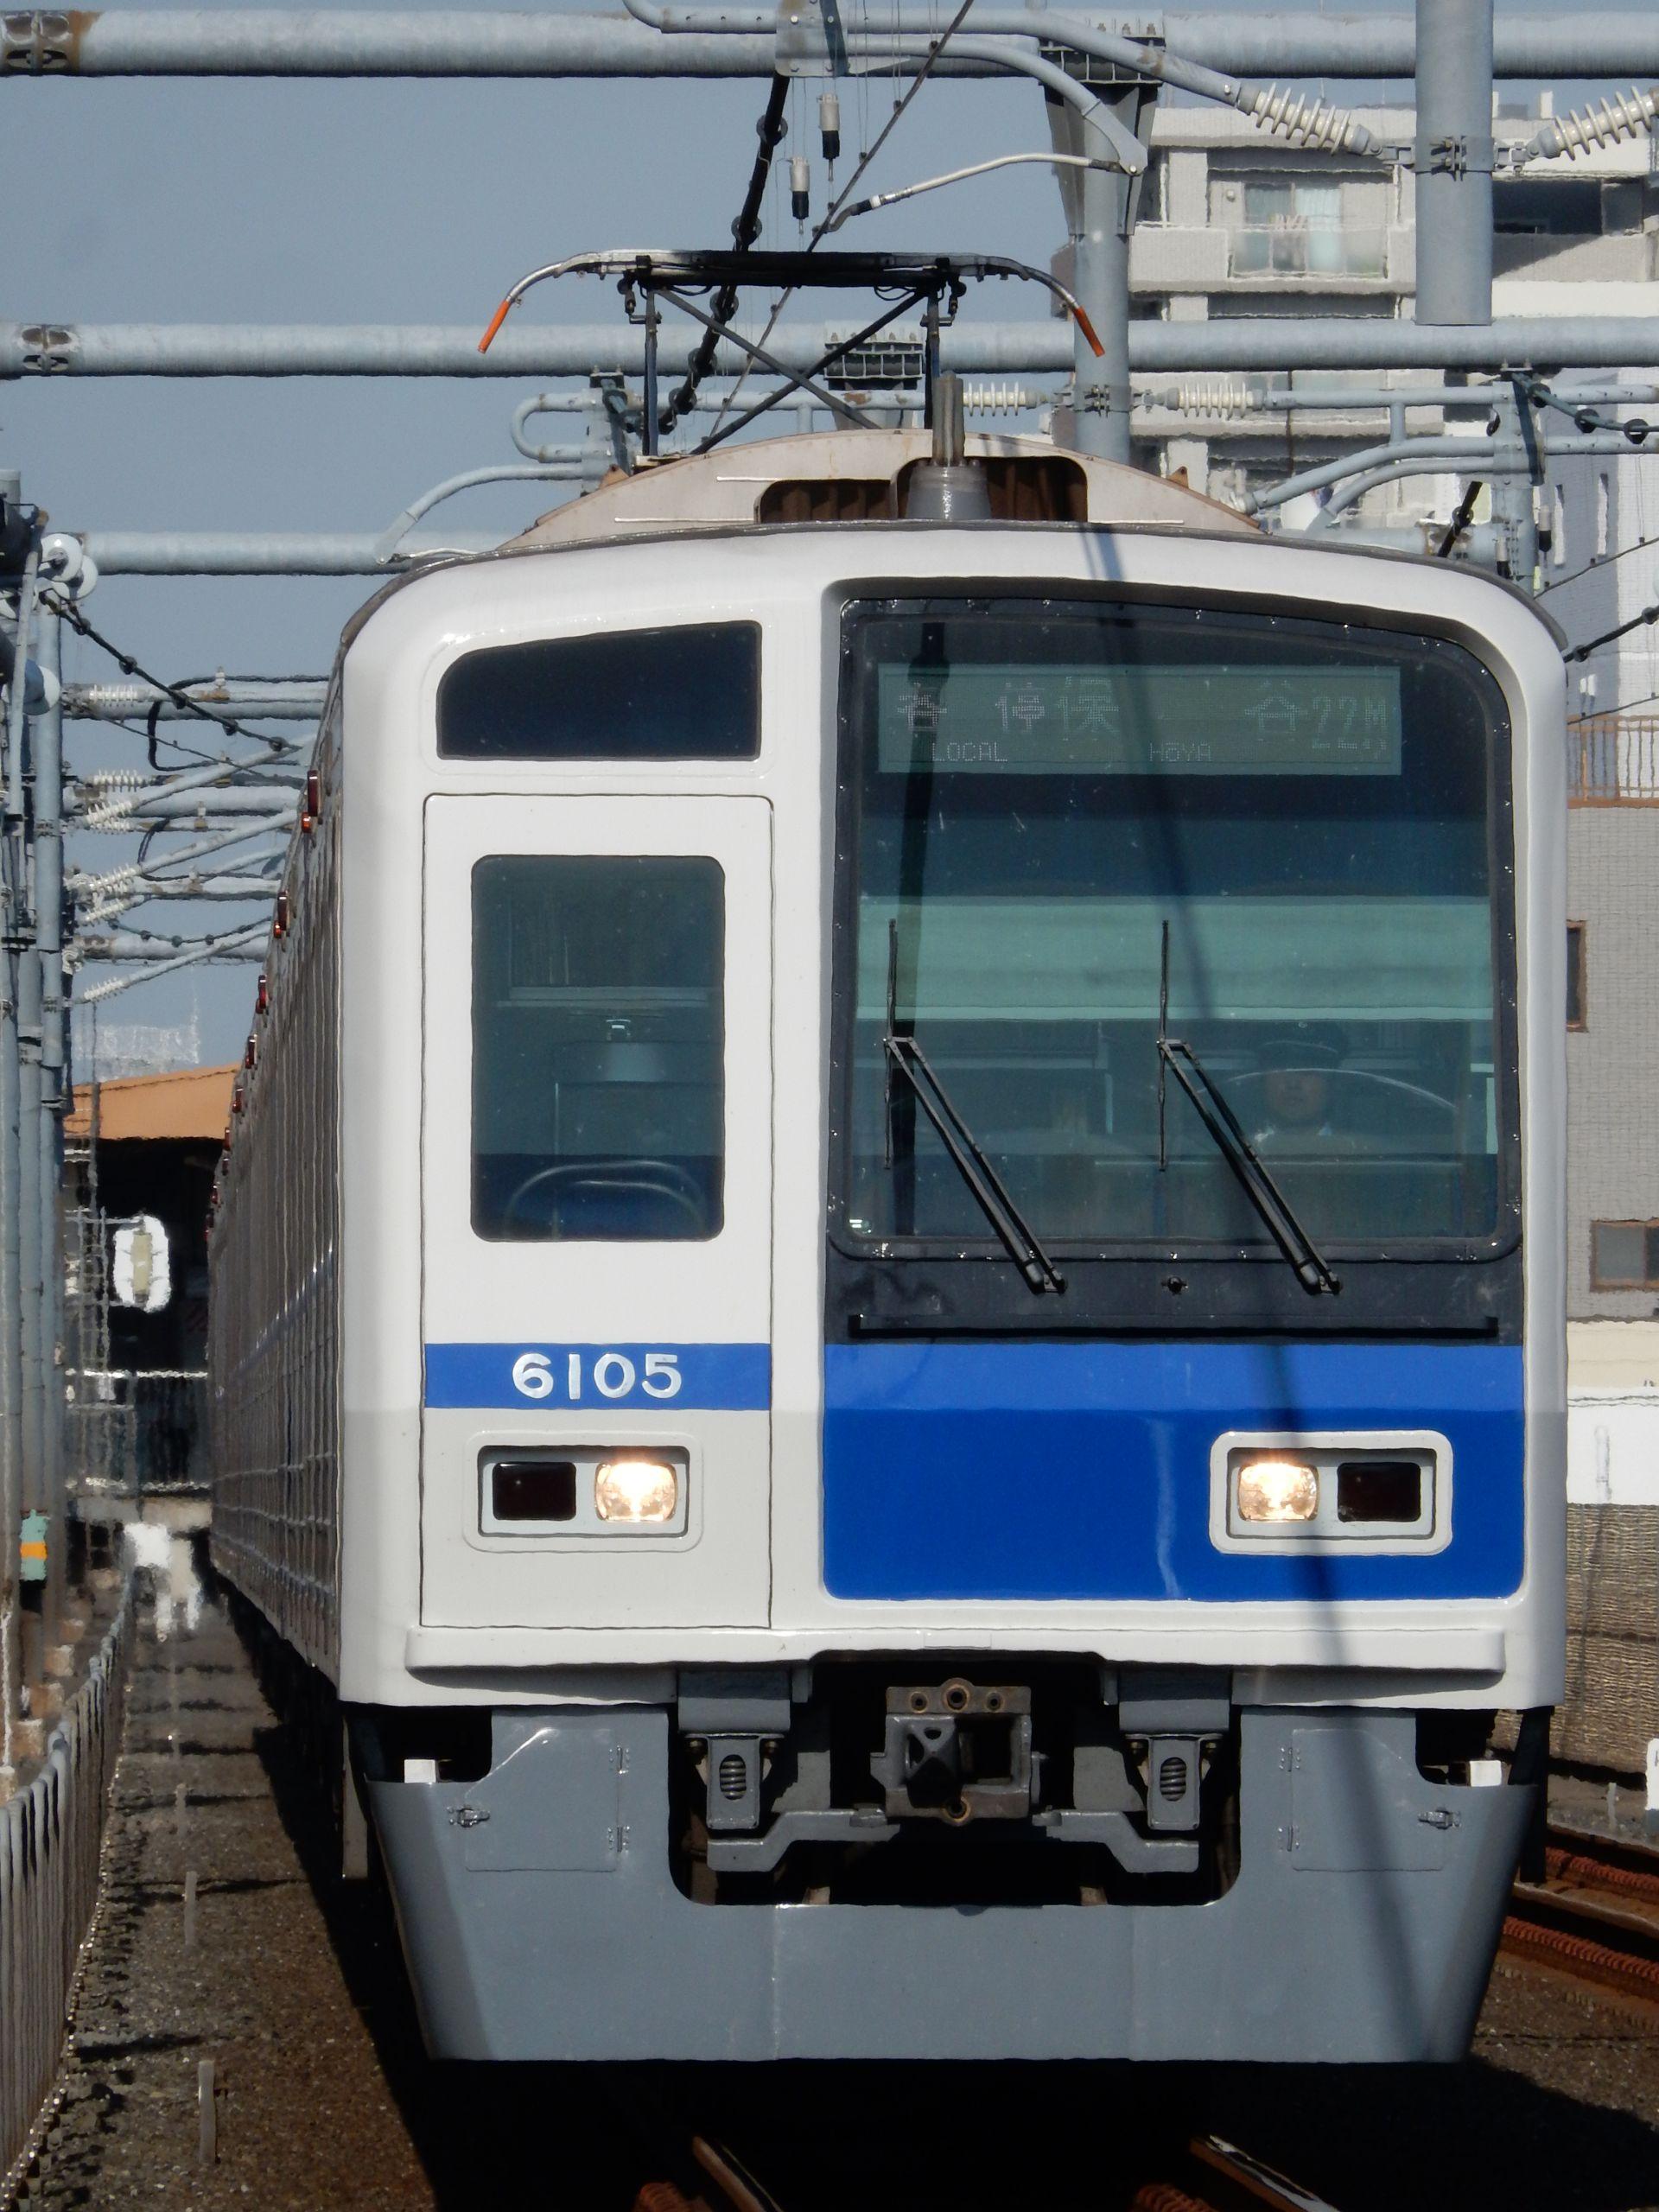 DSCN9094 - コピー